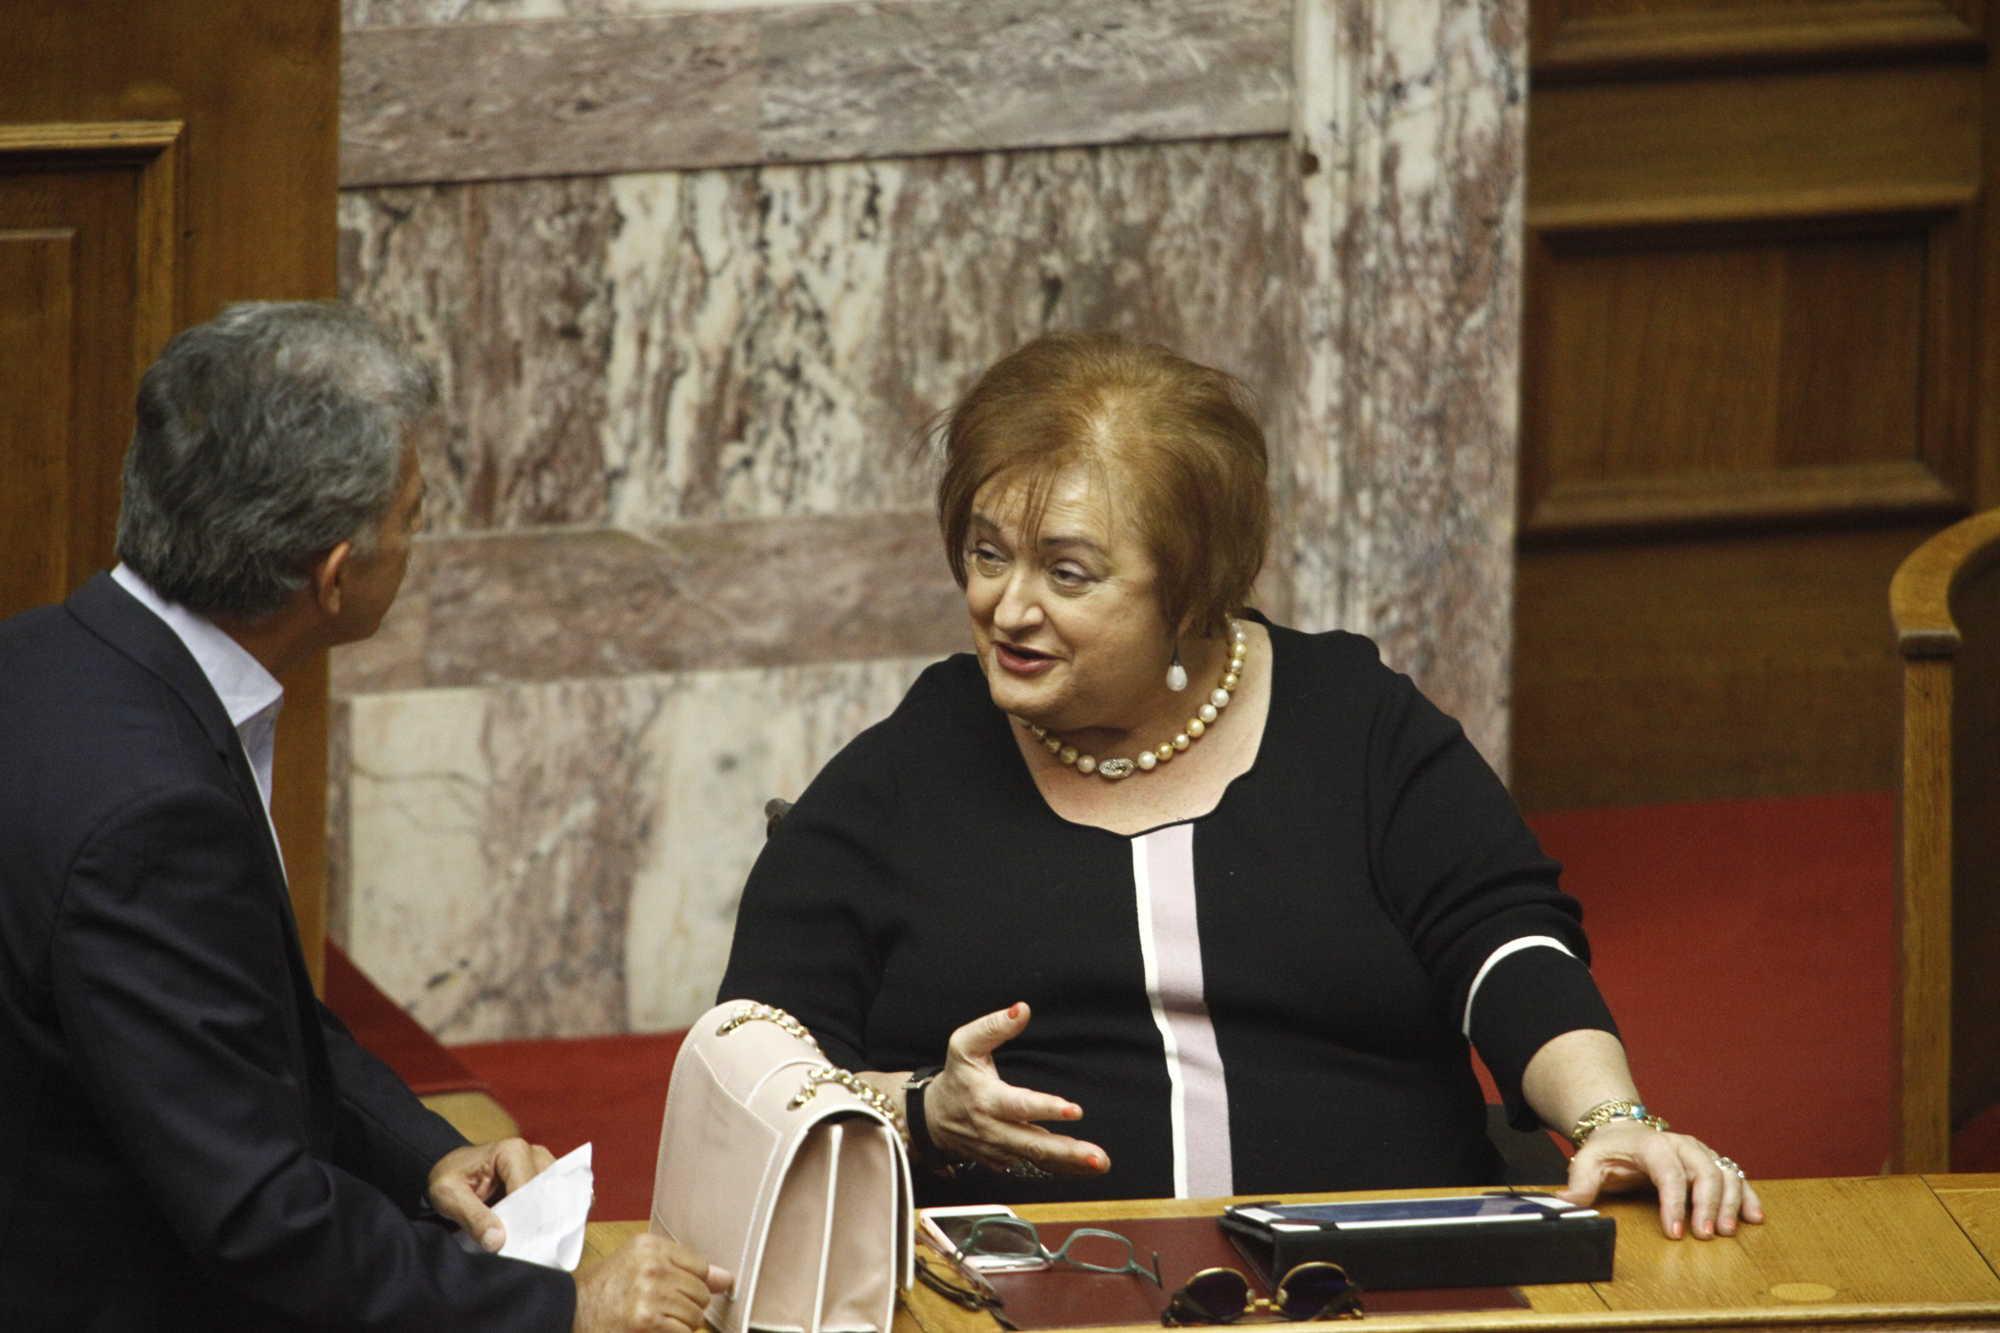 Συνεπιμέλεια - Αποστάσεις πήρε η Μαριέττα Γιαννάκου: Δεν μπορώ να το ψηφίσω